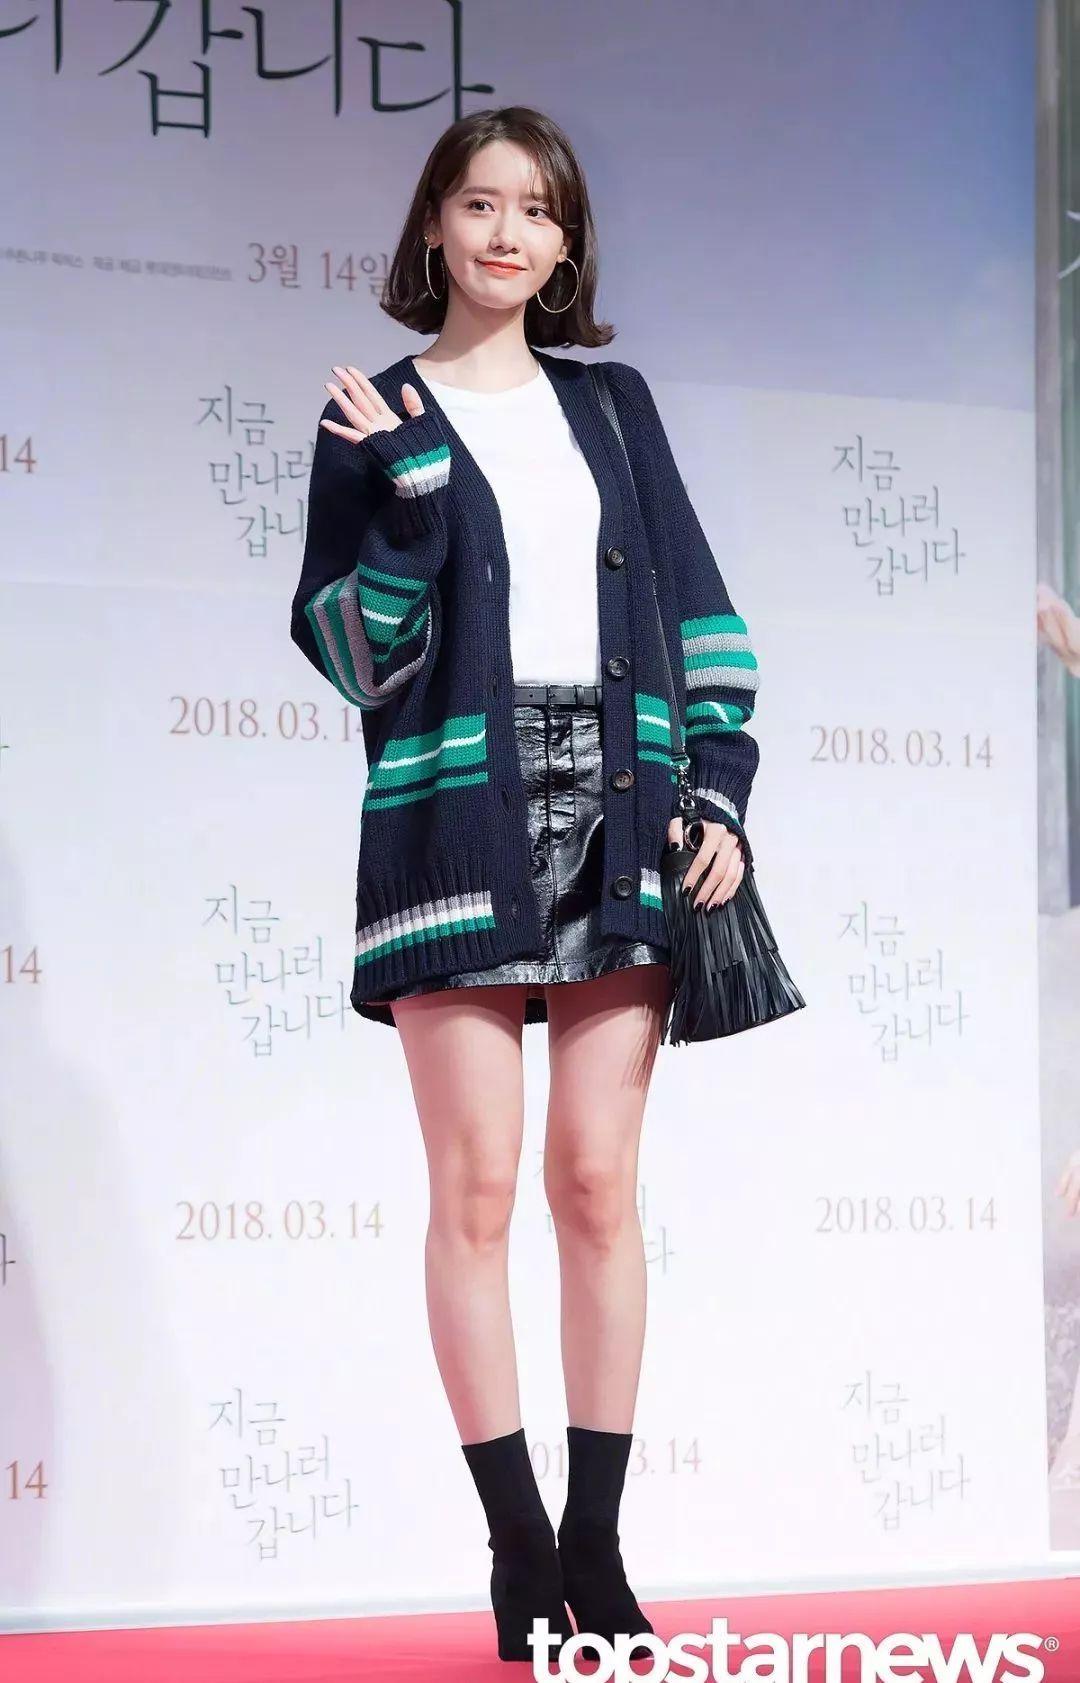 女明星全靠一件毛衣凹造型,这才是现在最时髦的「外套」 | 尚瘾俱乐部